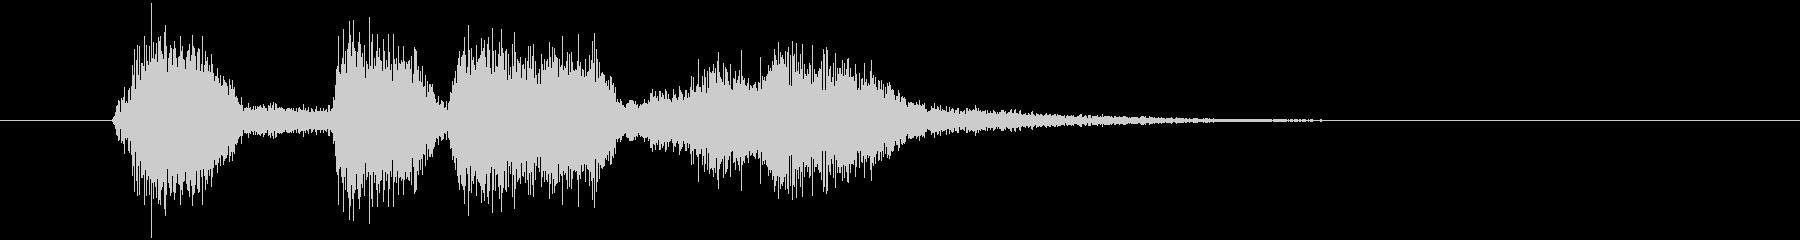 「♫ネットラジオ♫」というボイスジングルの未再生の波形